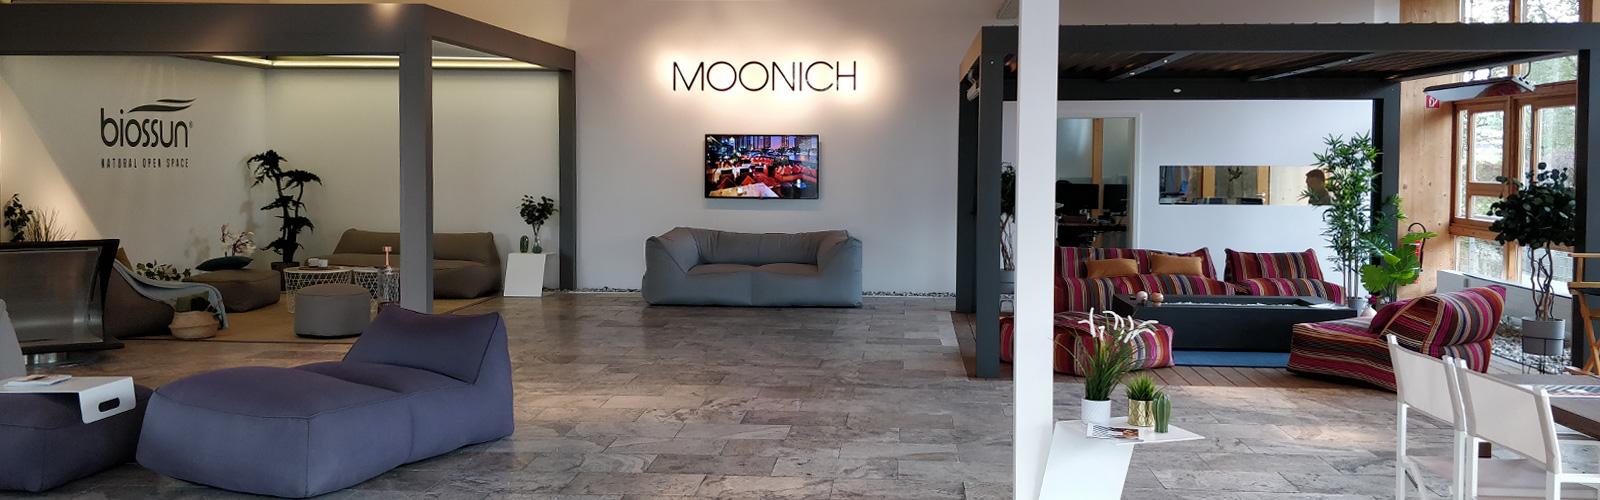 MOONICH Showroom, Kramergasse 32, 82054 Sauerlach - Besuchen Sie uns!